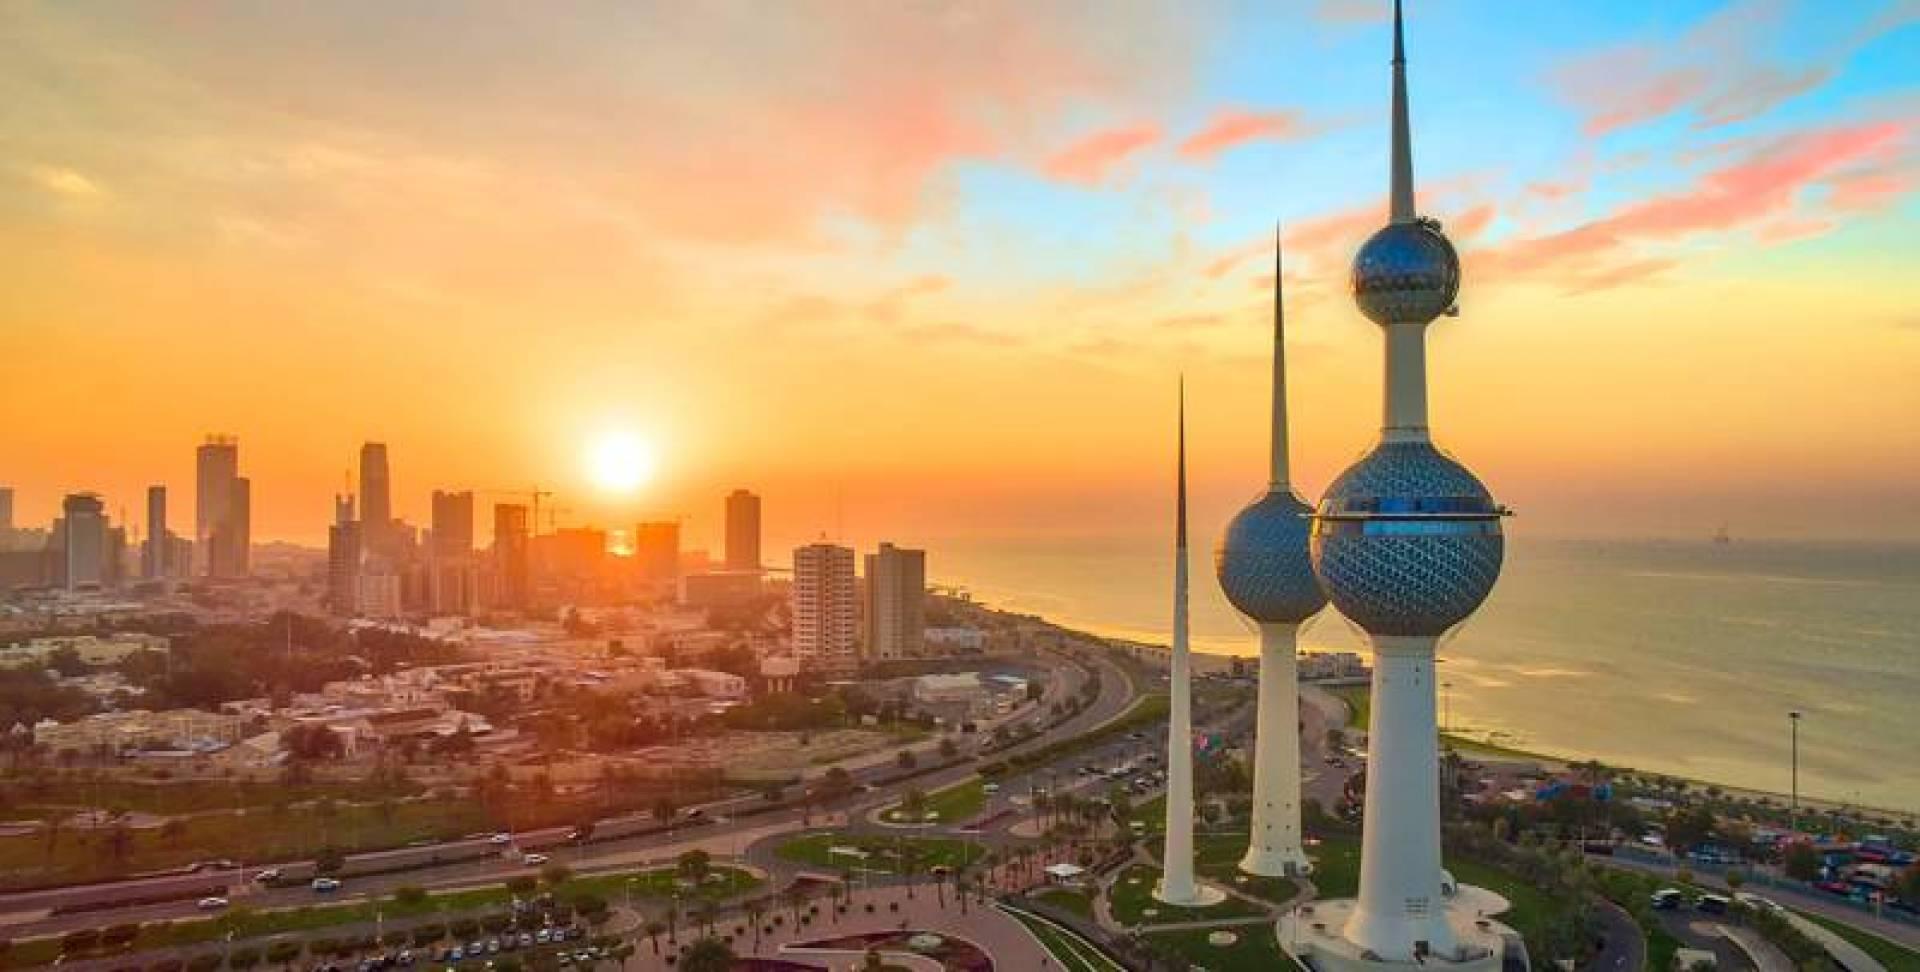 تقريرٌ بيئي يحذِّر من التداعيات: الكويت تتعرض لتهديدٍ مناخي غير مسبوق